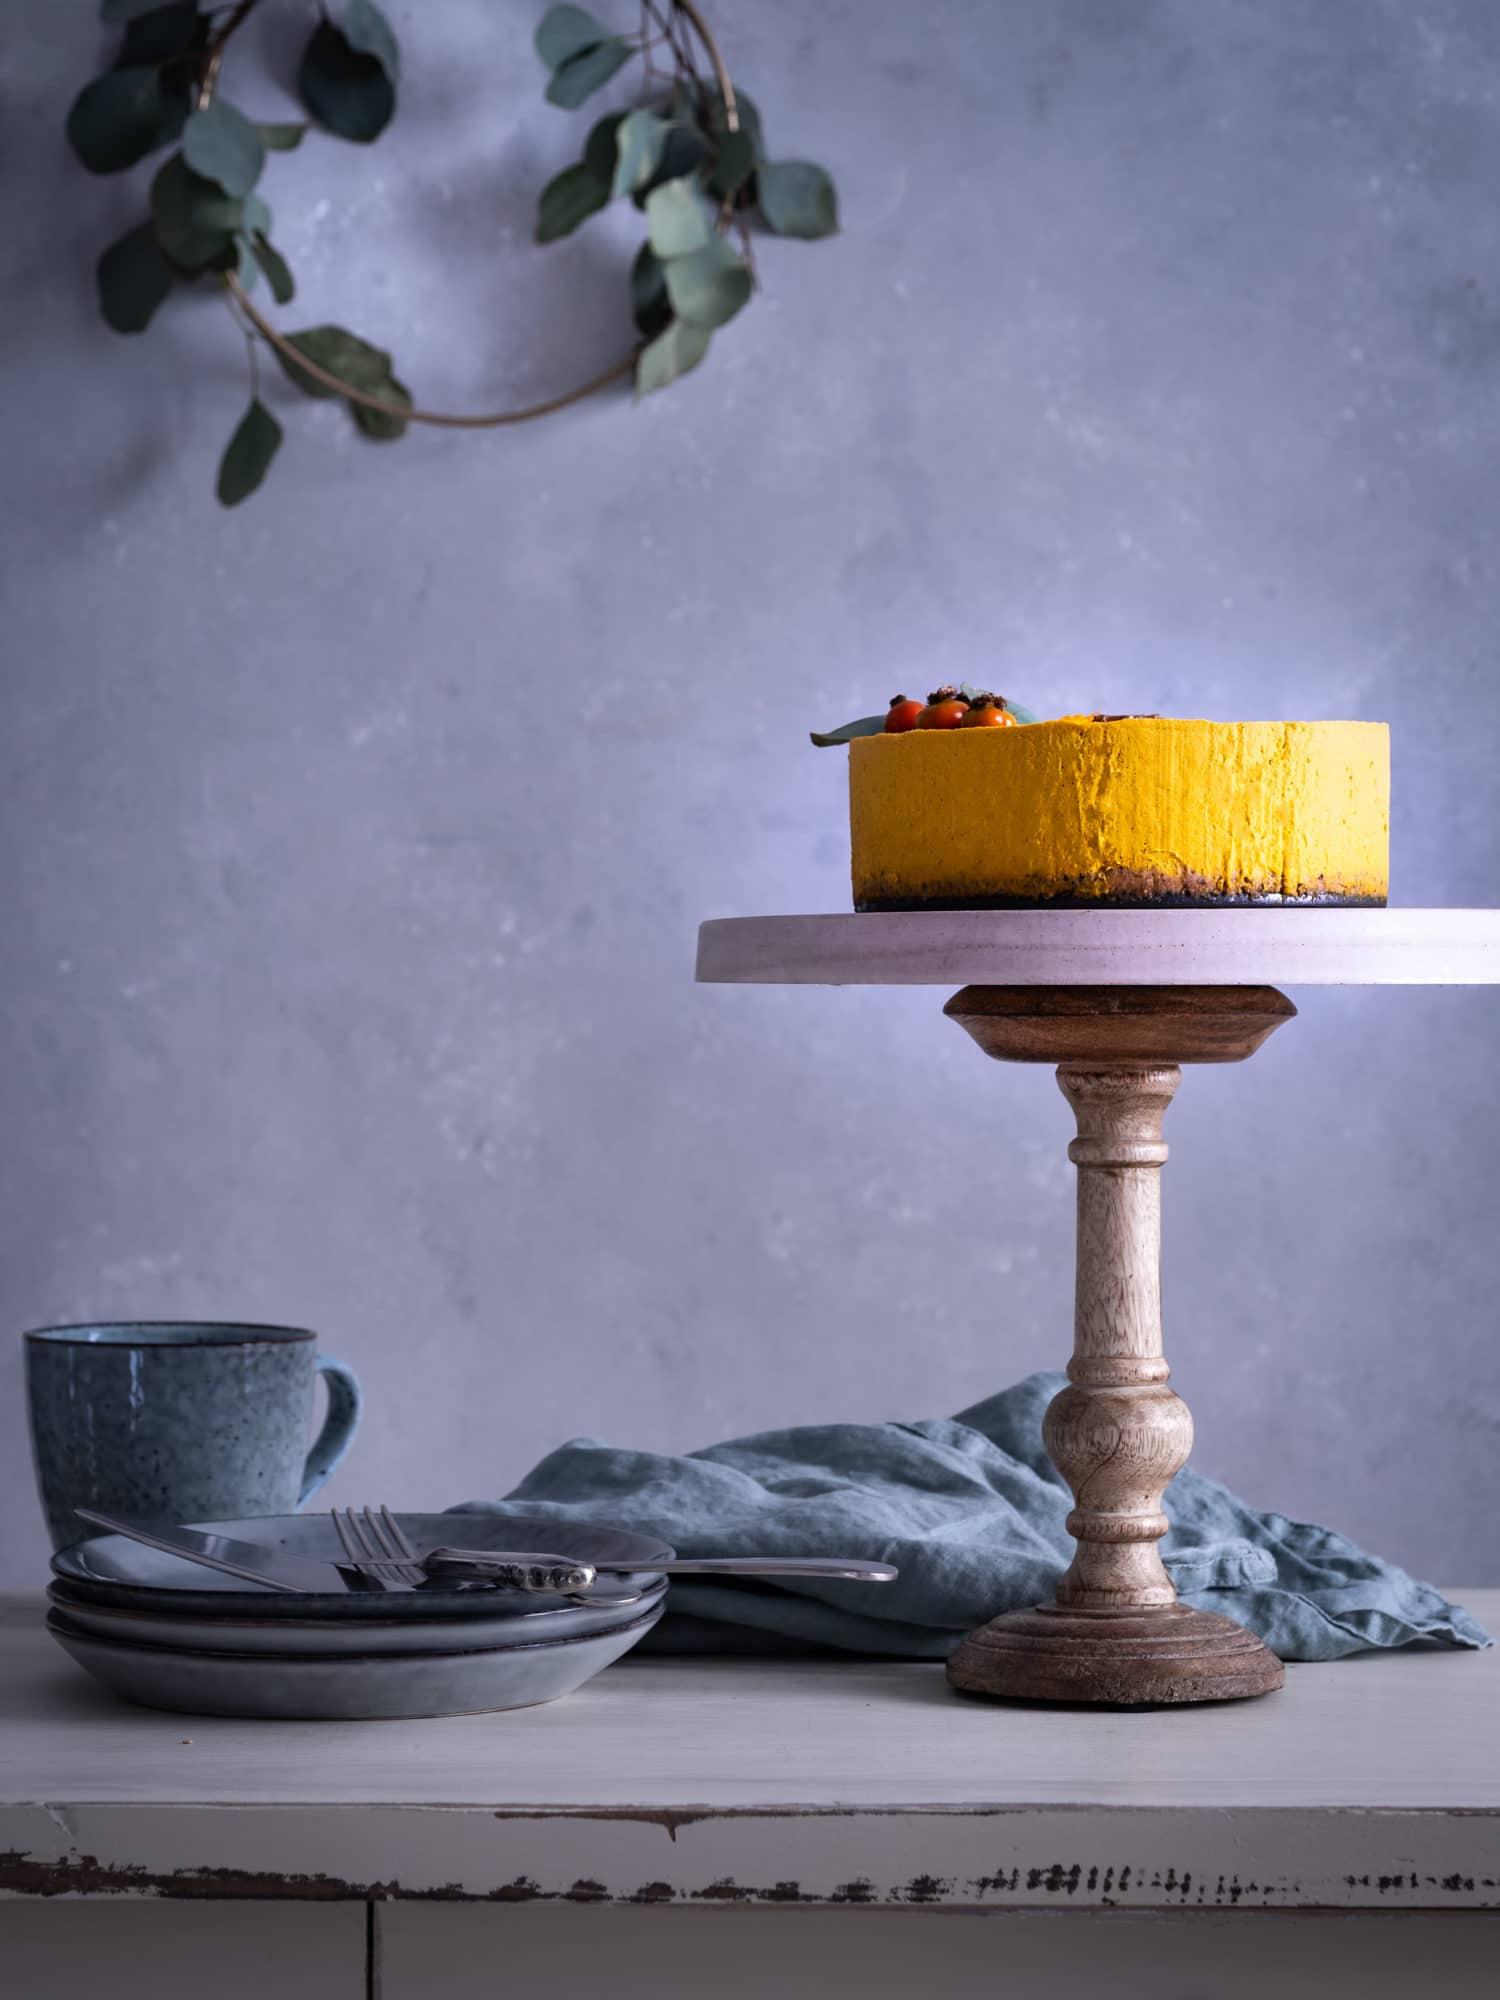 Kürbiskuchen auf Etagere auf Tisch